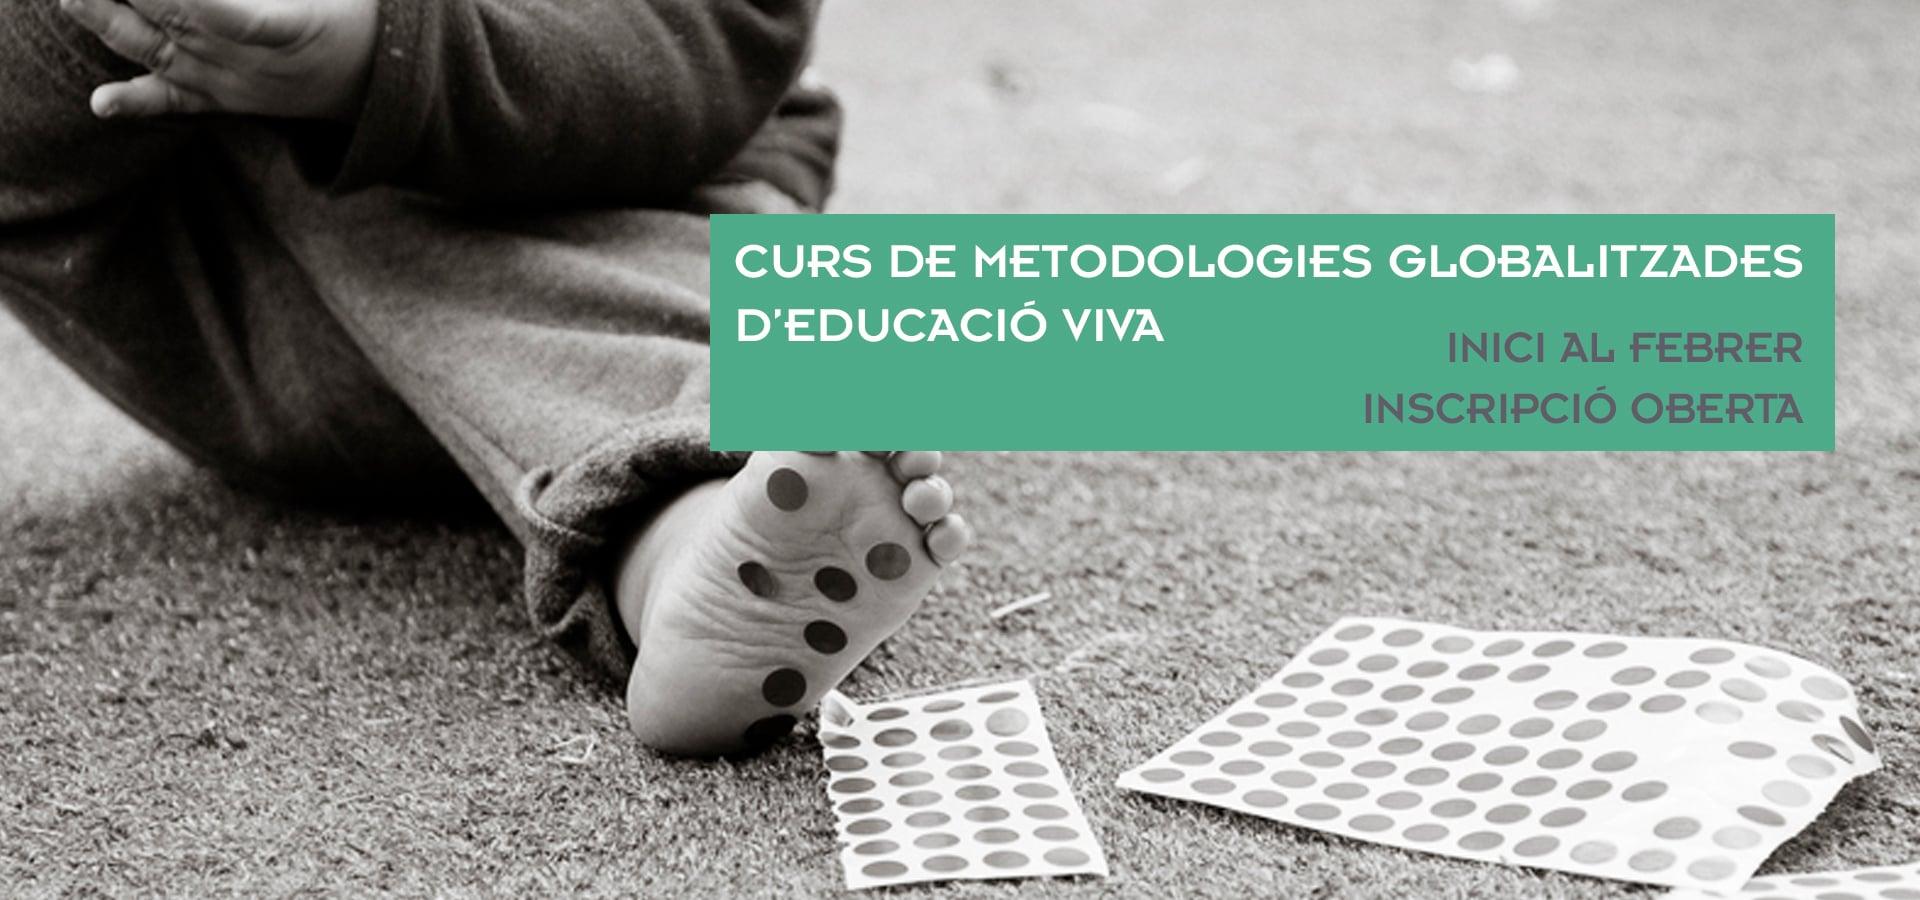 slide curs metodologies